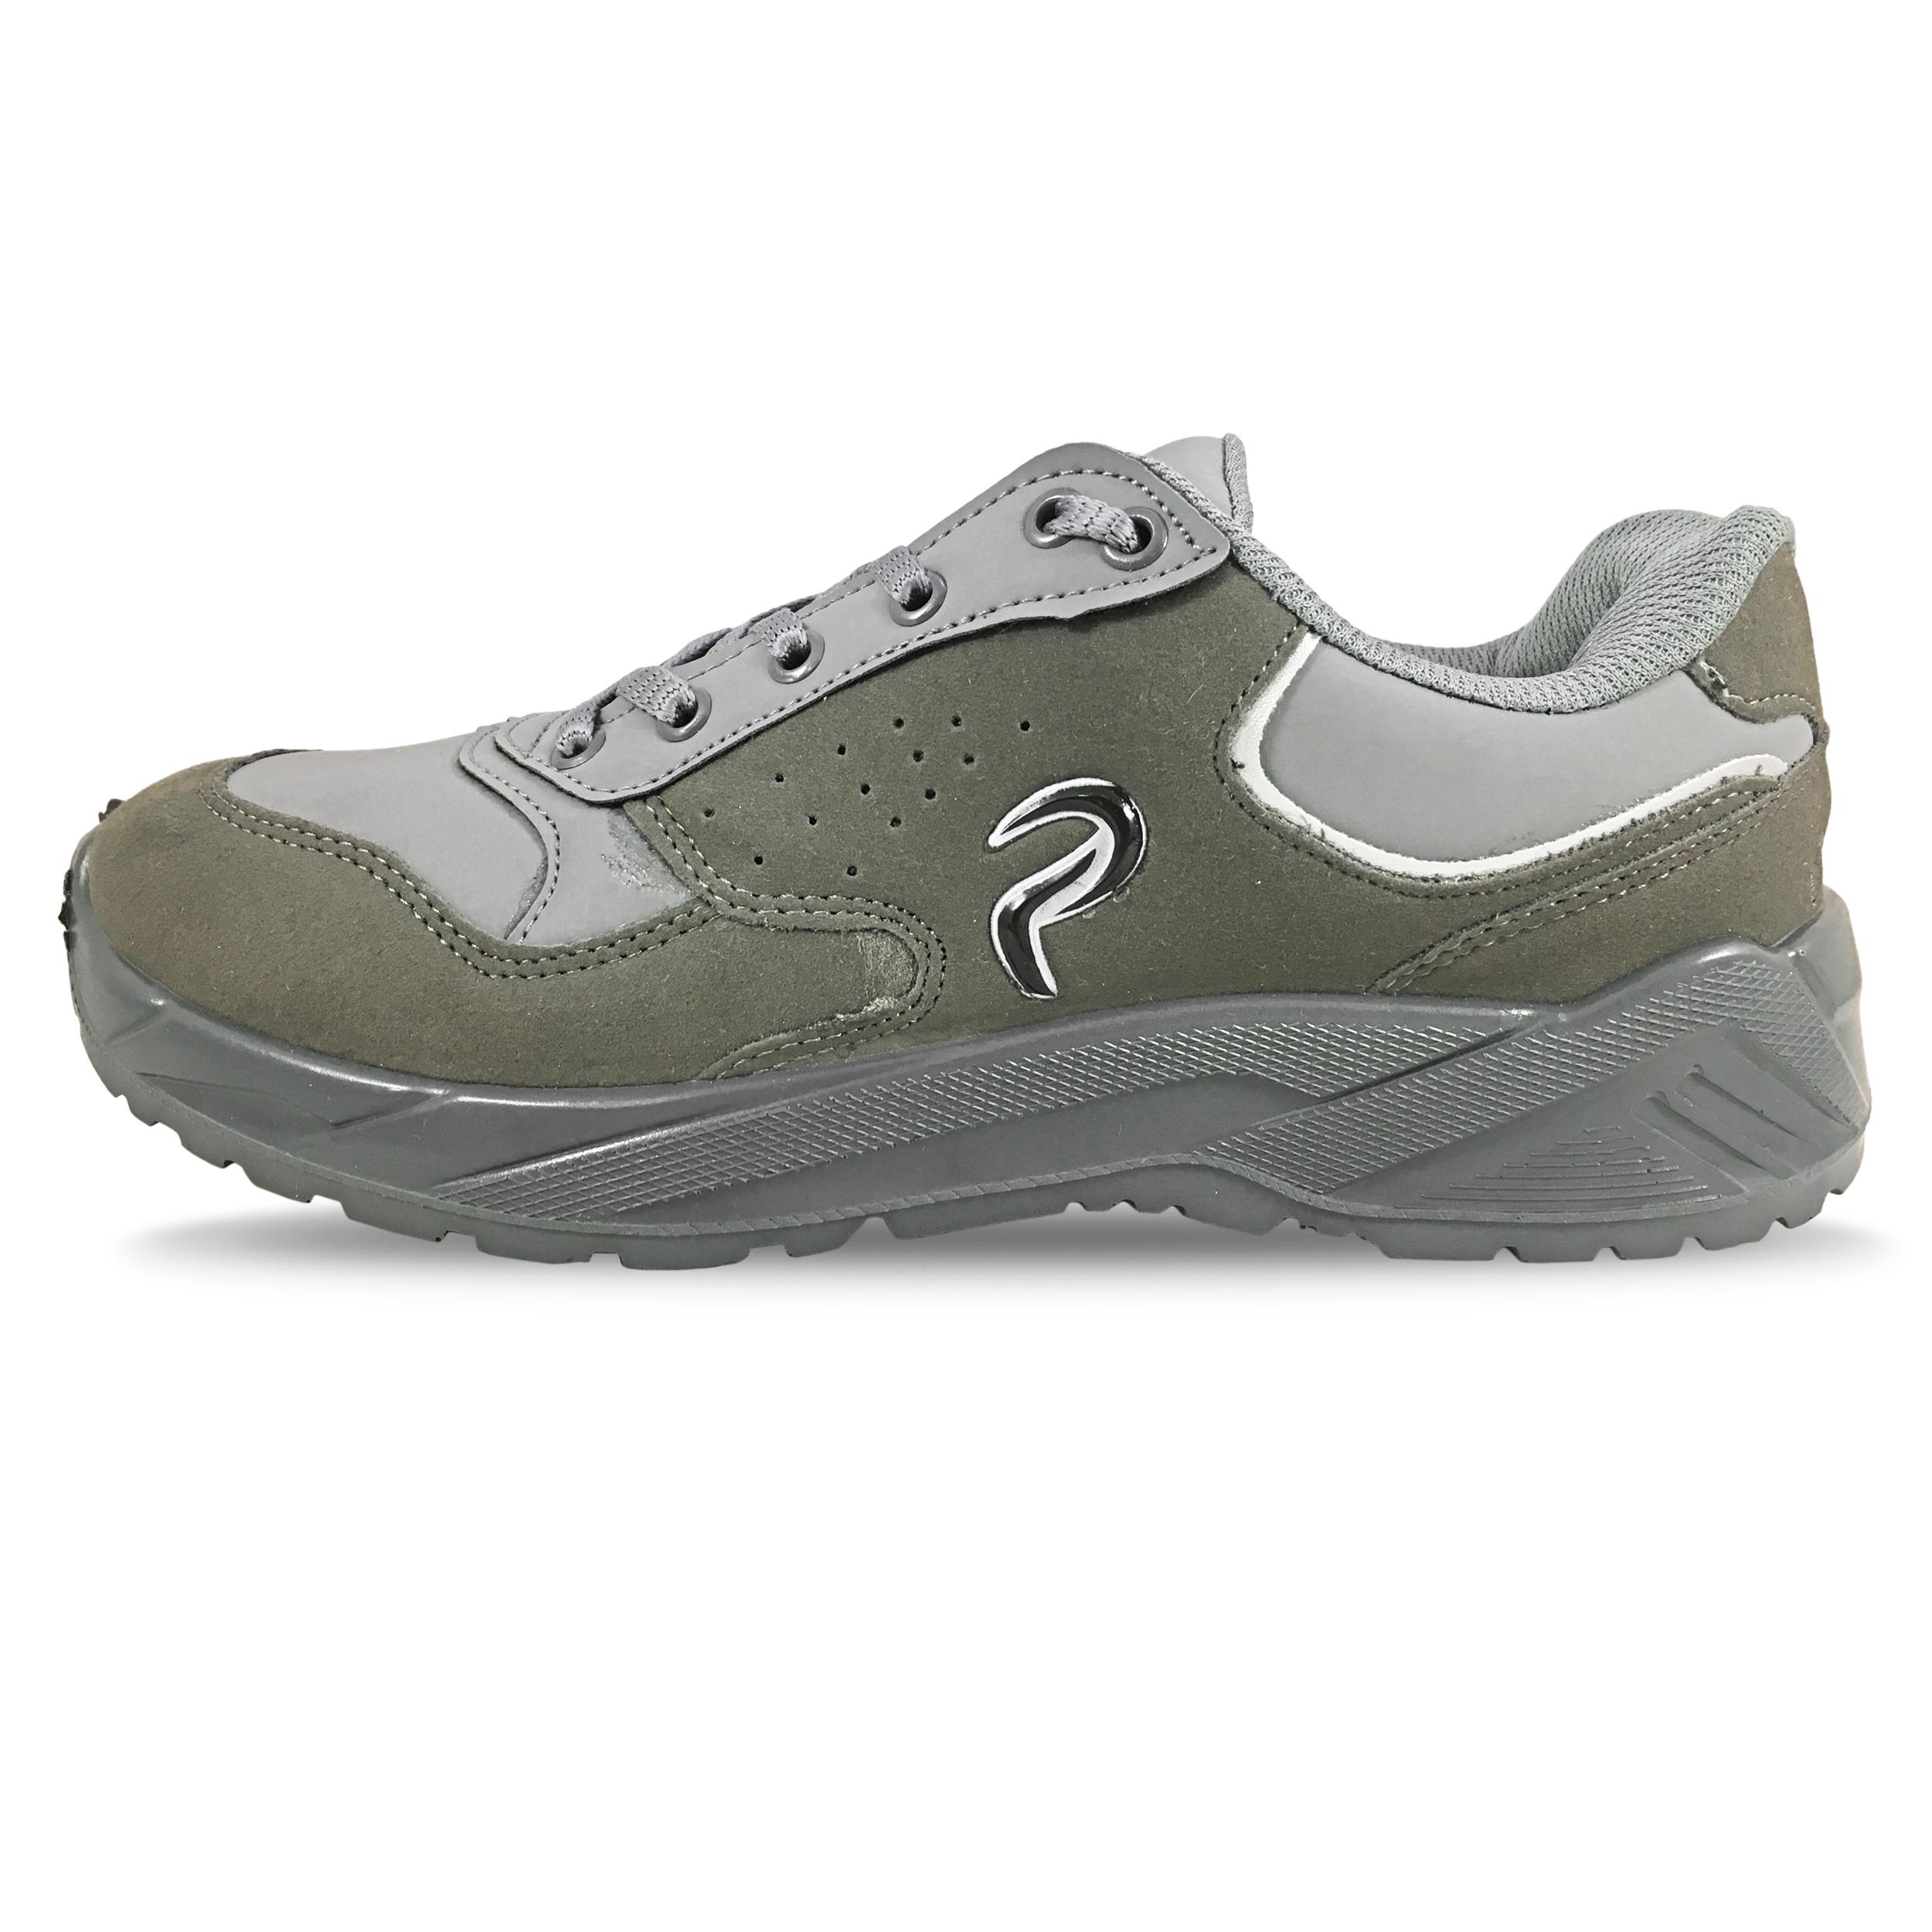 قیمت کفش پیاده روی مردانه پادوکا مدل اسلوبی کد 3993